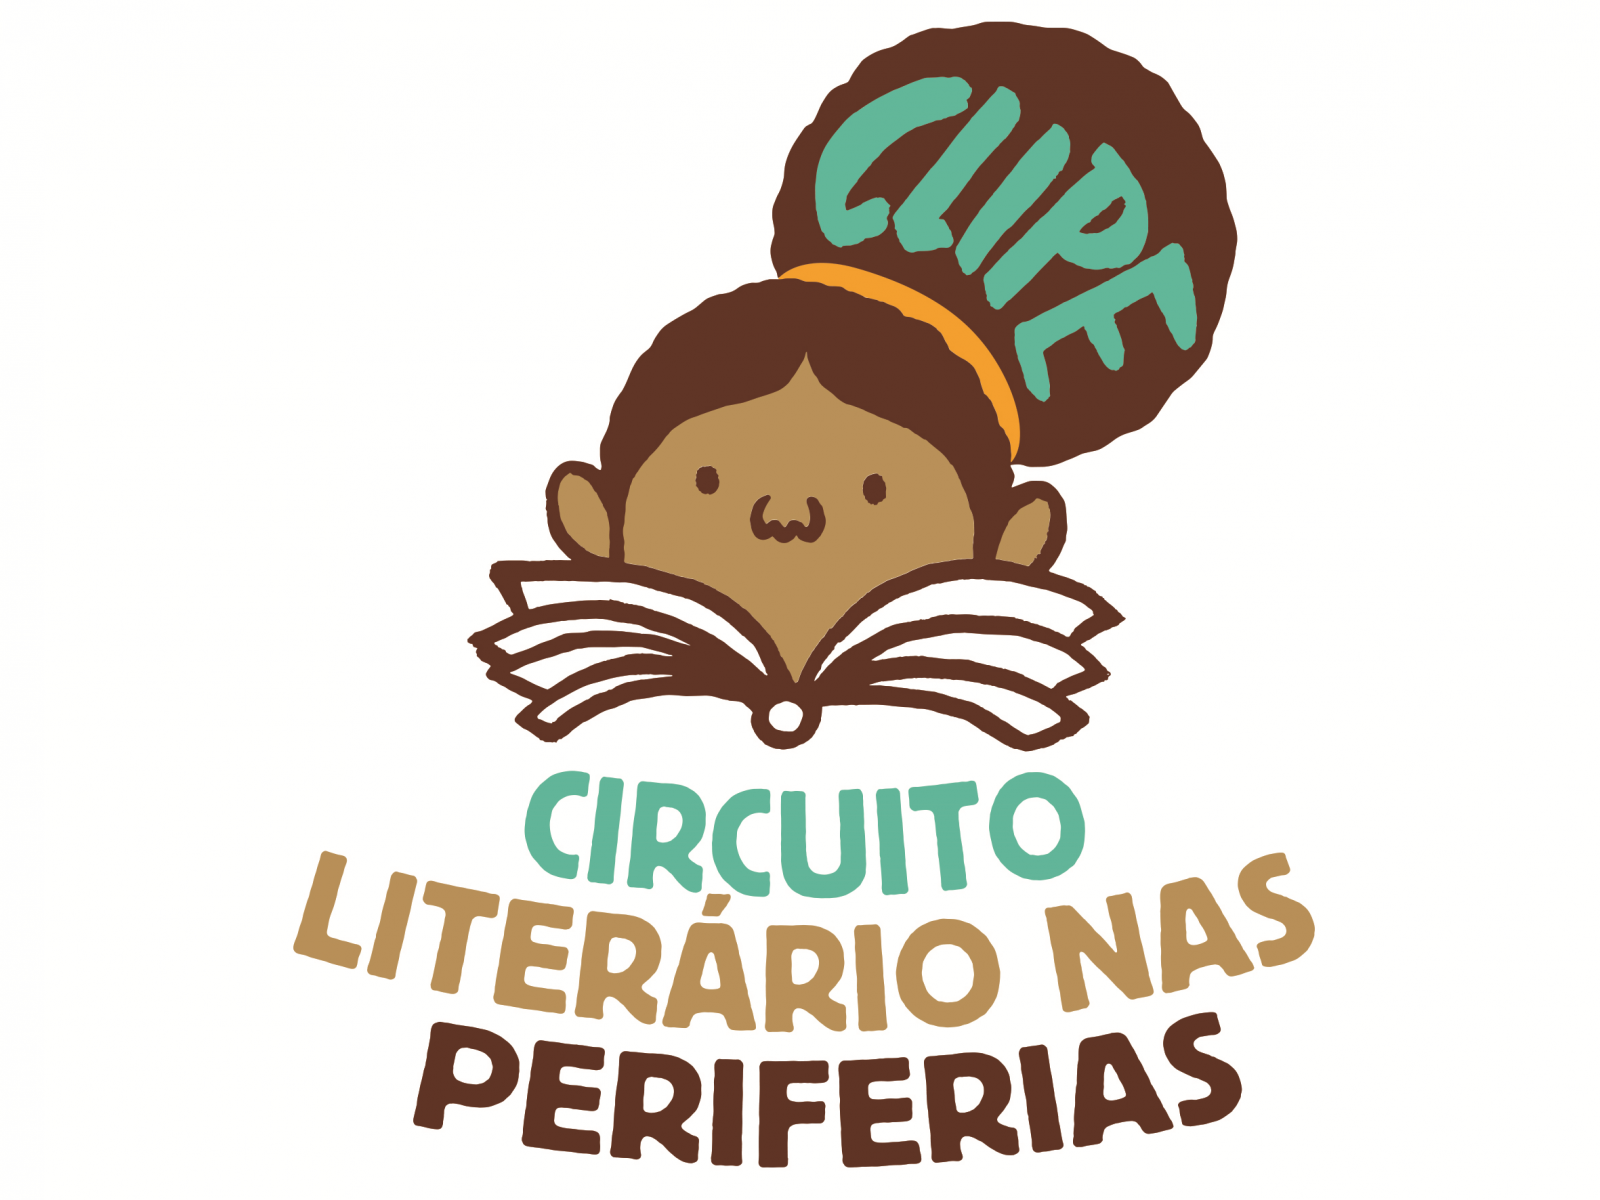 d4b1b4b3 Valorizar e apoiar a literatura periférica, potente e com uma longa  história de existência, é o propósito do Circuito Literário nas Periferias  (CLIPE), ...